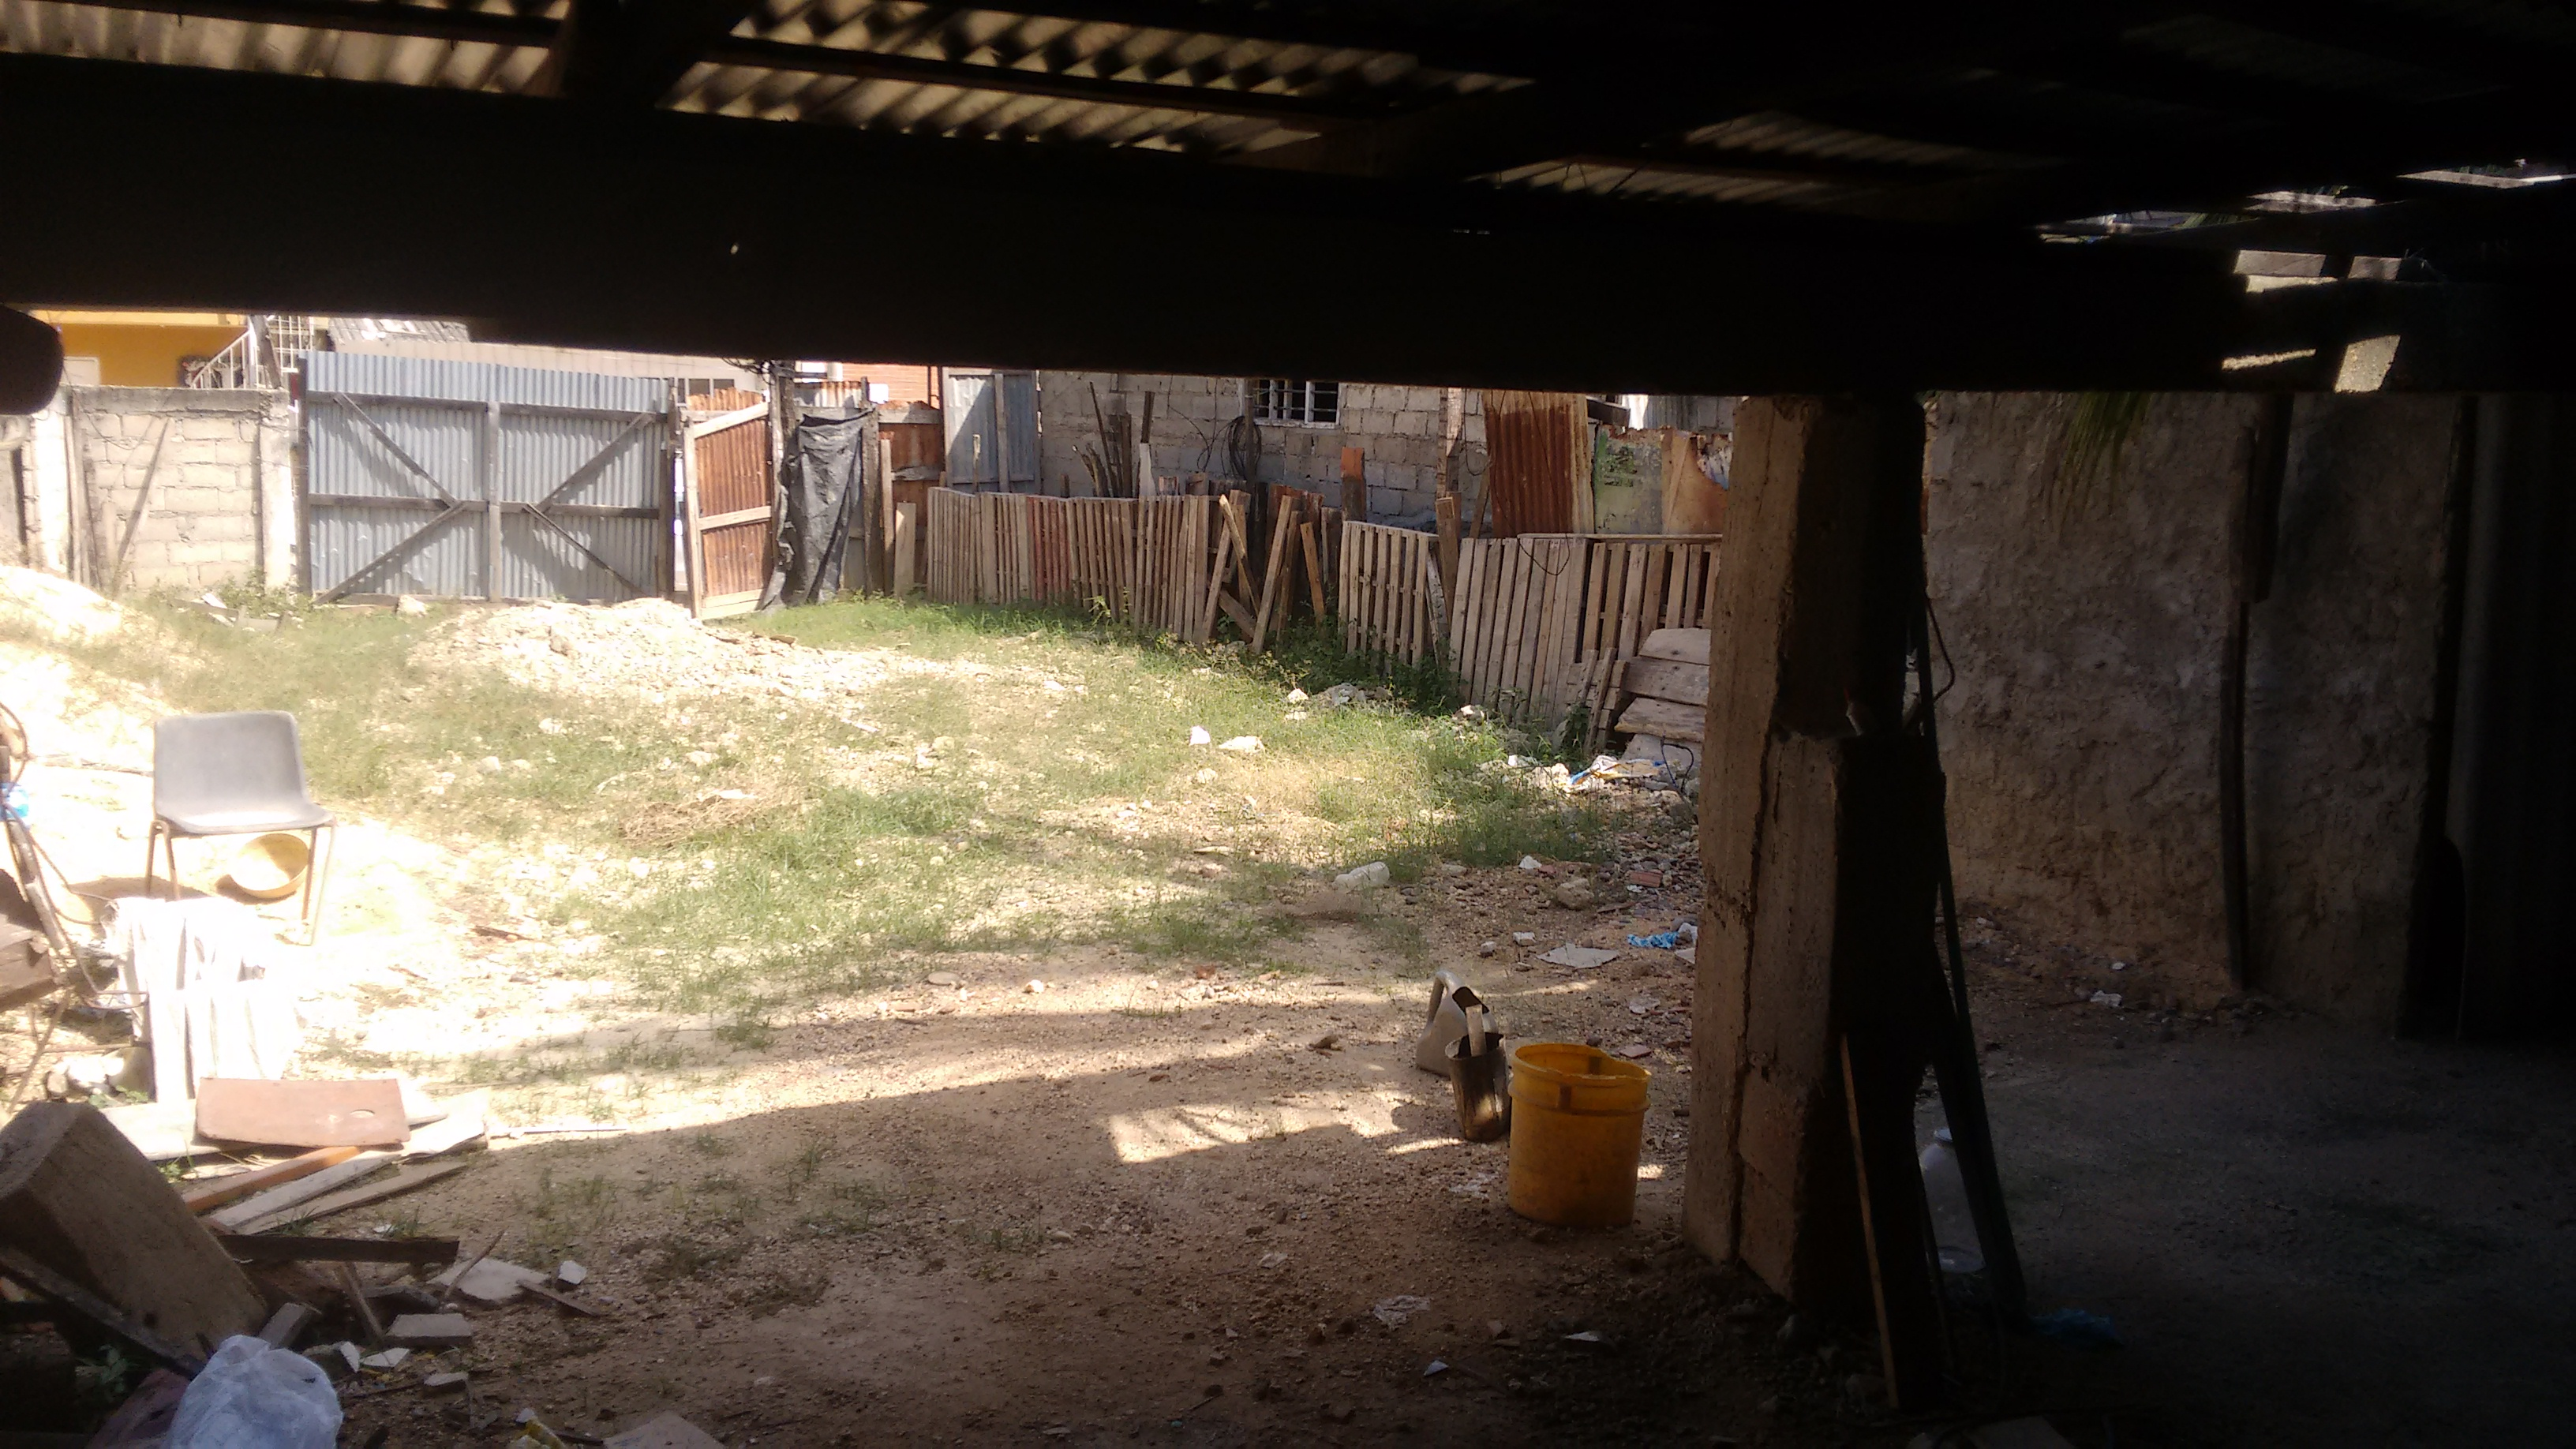 Lote en Cartagena de indias 109951, foto 1